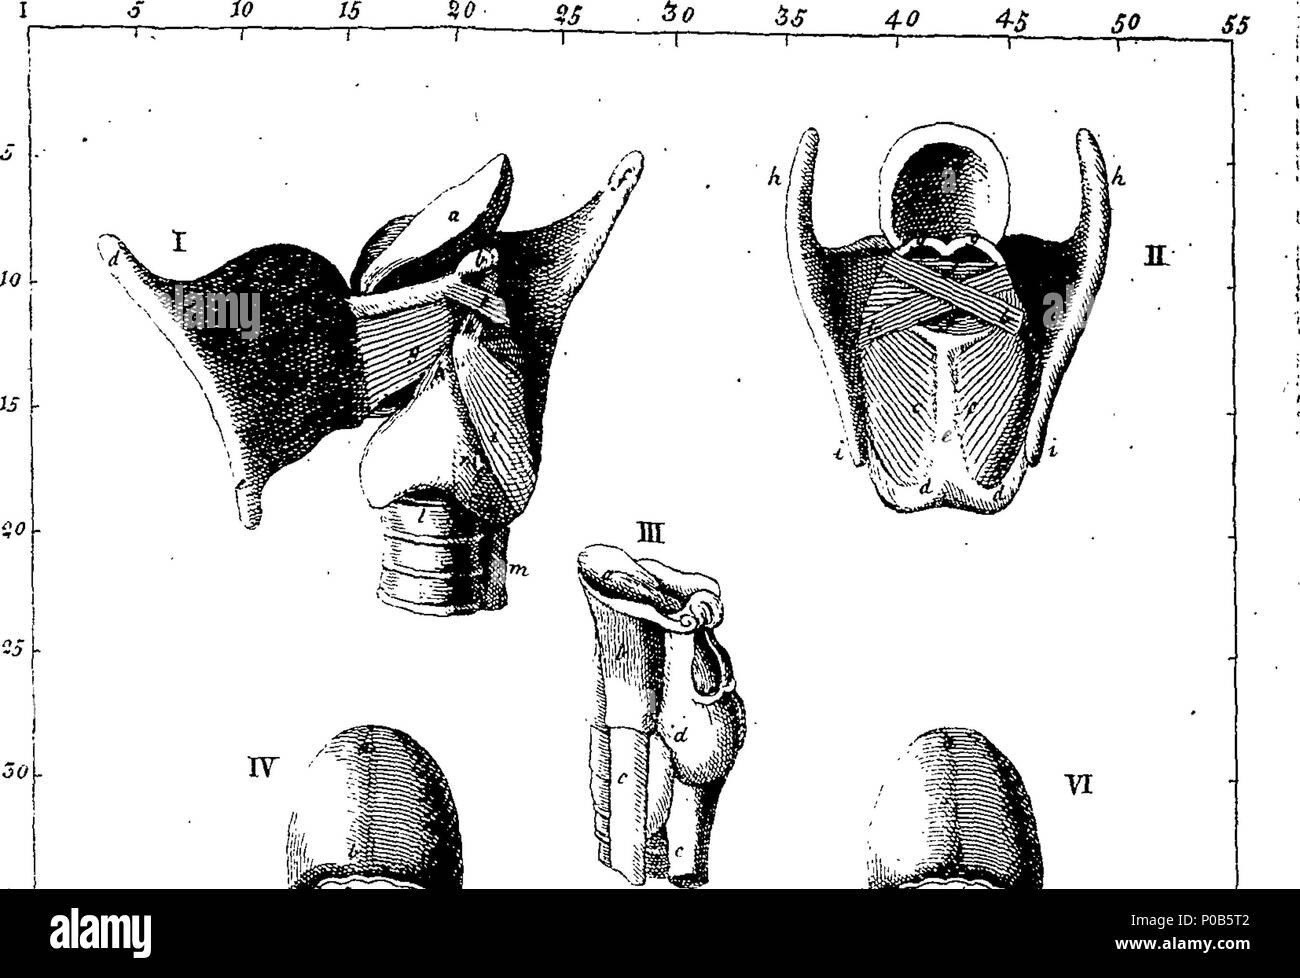 Groß Anatomie Des Menschlichen Körpers Buch Bilder - Anatomie Von ...